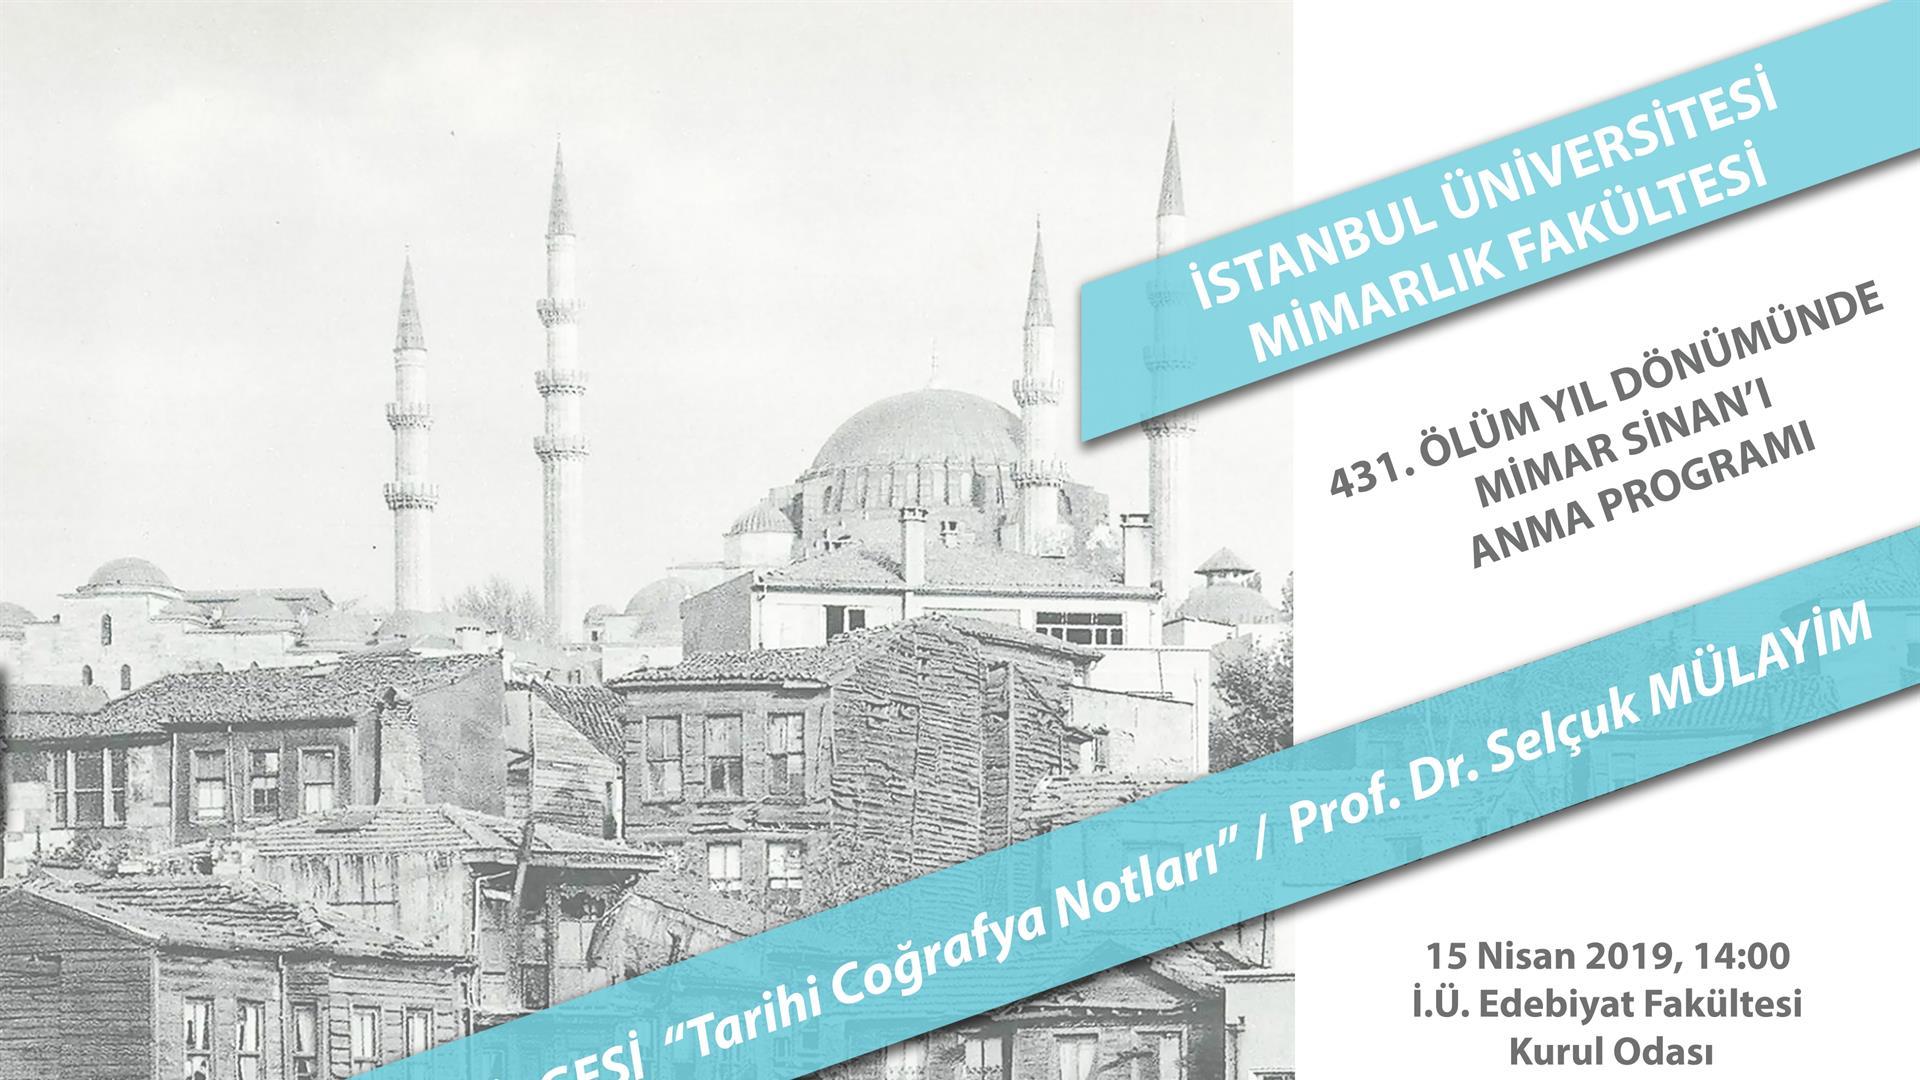 431.-Ölüm-Yıl-Dönümünde-Mimar-Sinan'ı-Anma-Programı